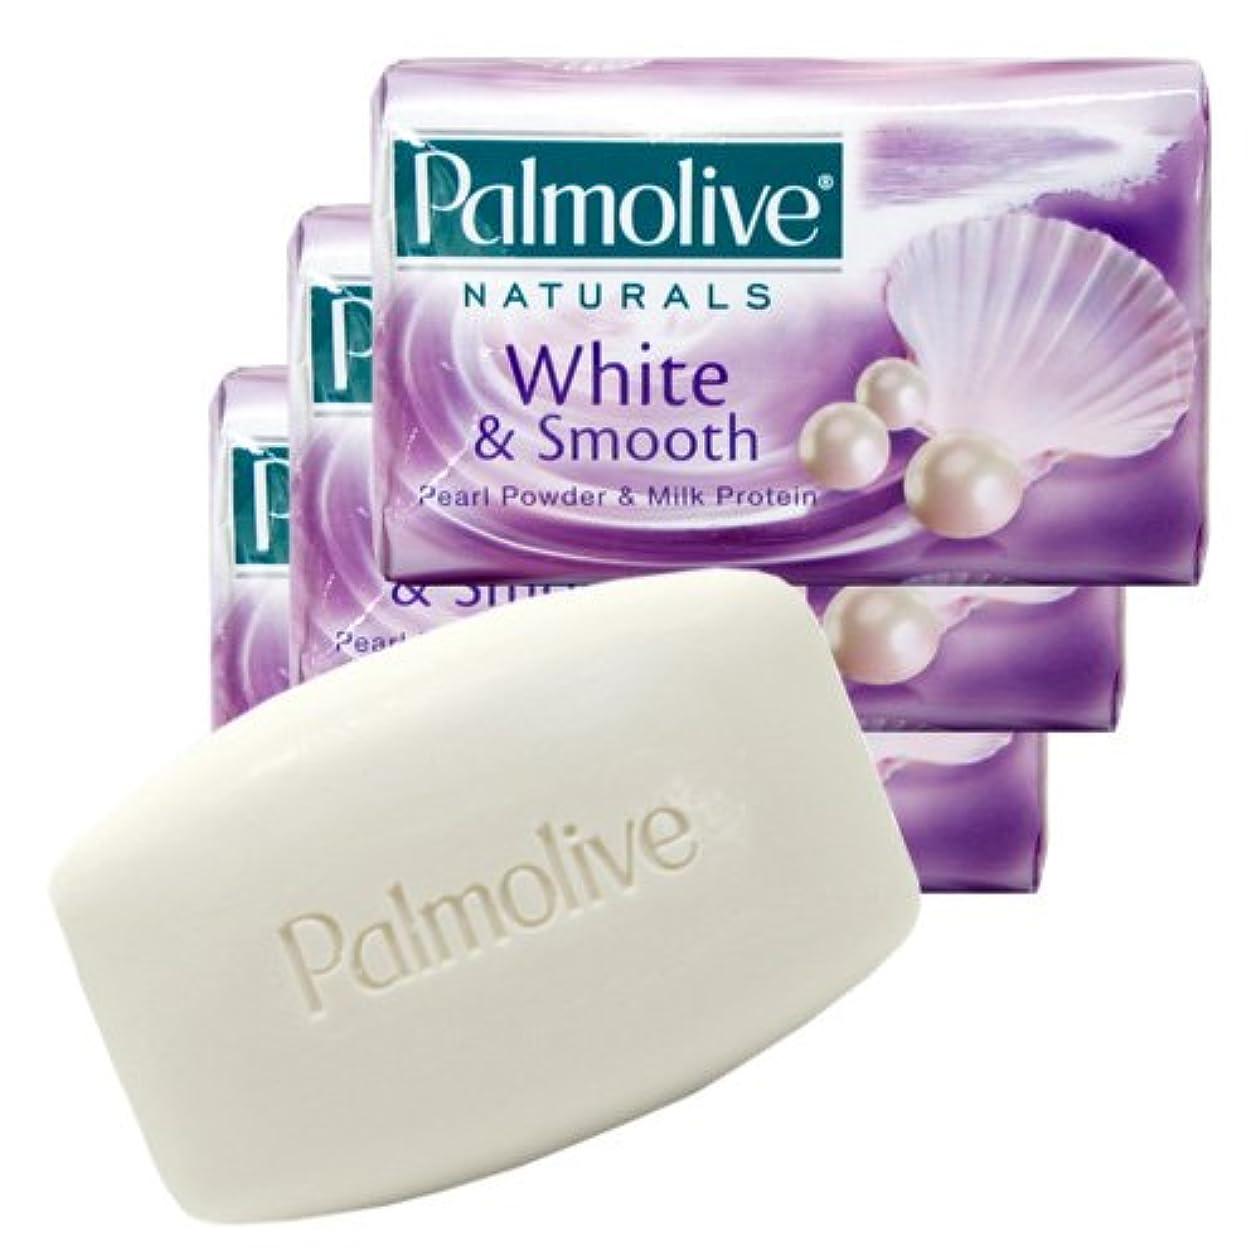 ホームレスマスタード大使【Palmolive】パルモリーブ ナチュラルズ石鹸3個パック ホワイト&スムース(パールパウダー&ミルクプロテイン)80g×3